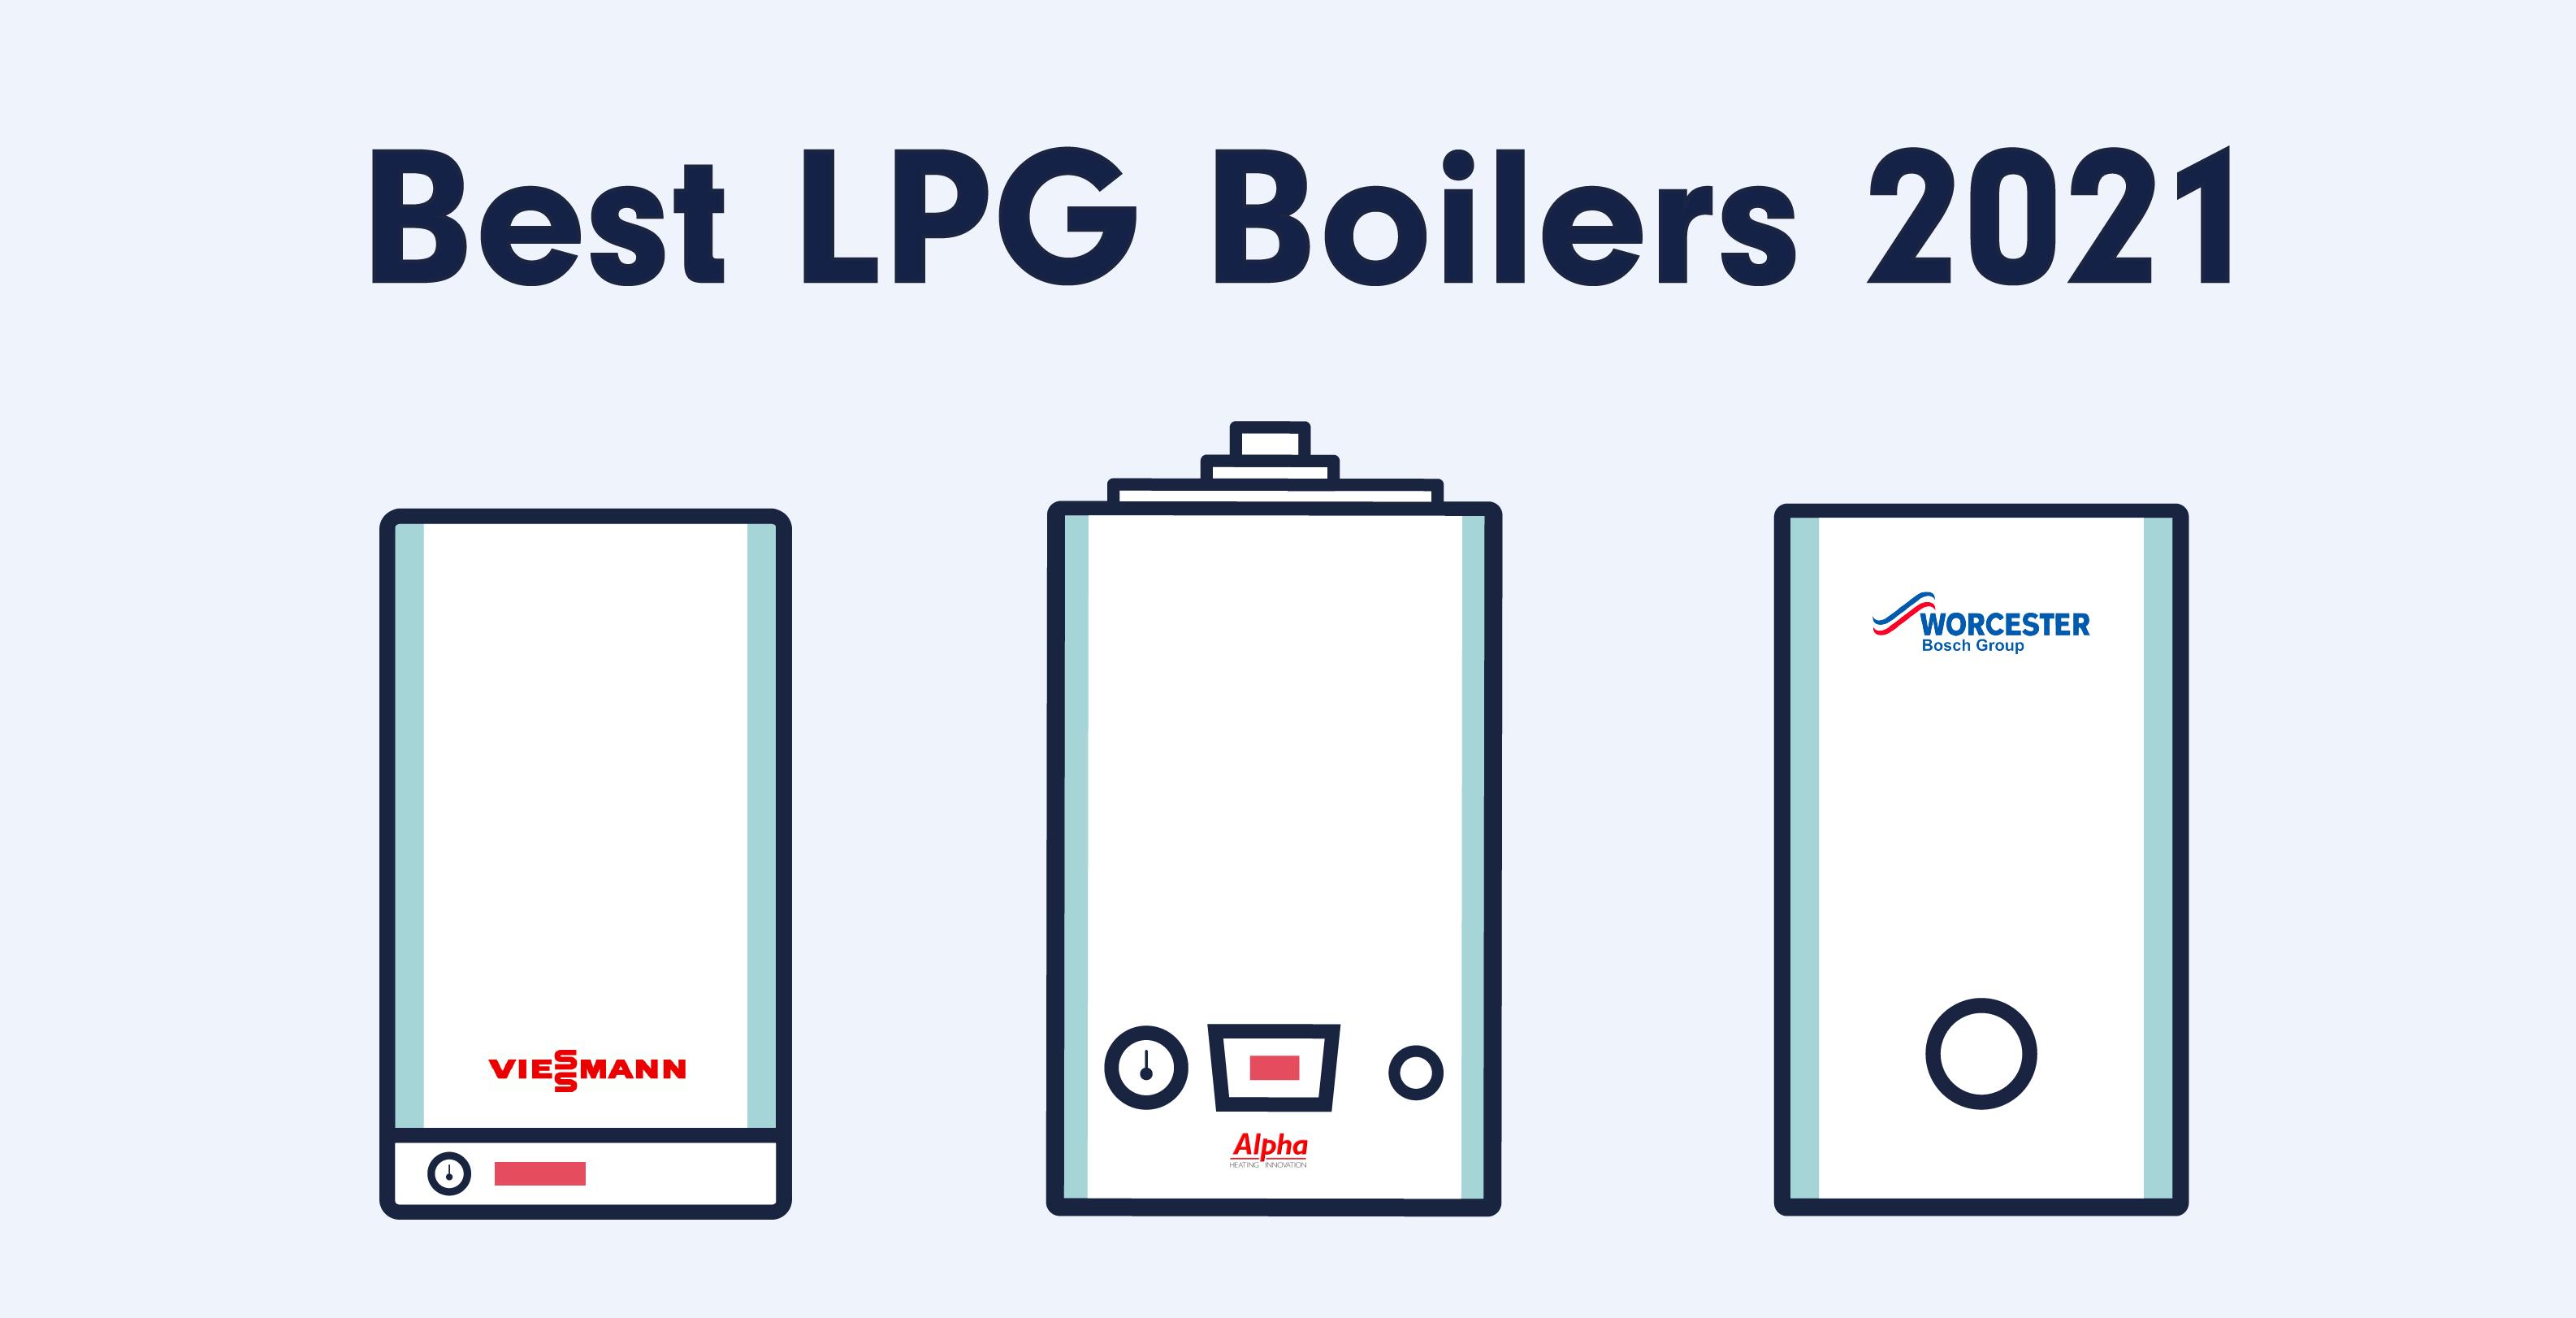 Best LPG Boilers 2021